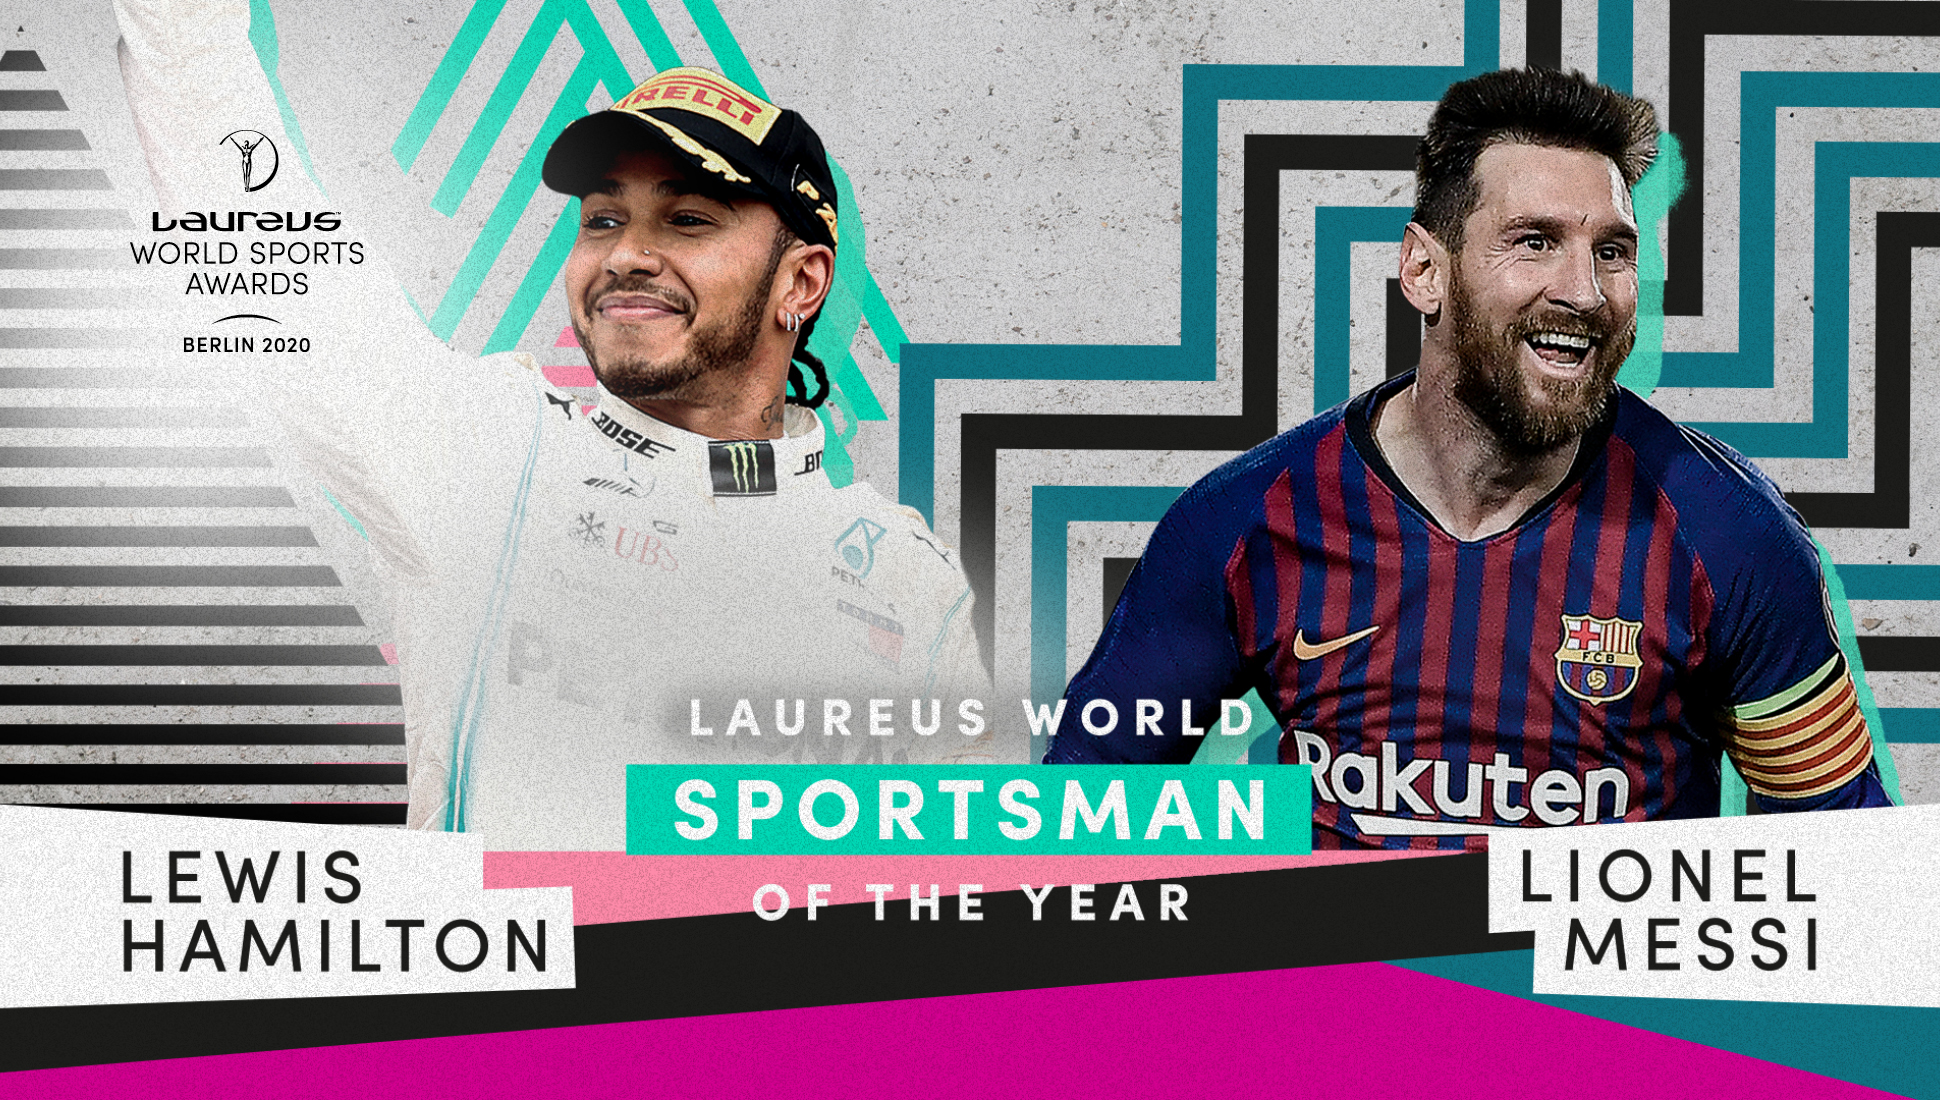 Messi y Hamilton fueron elegidos como los dos mejores deportistas de 2019.